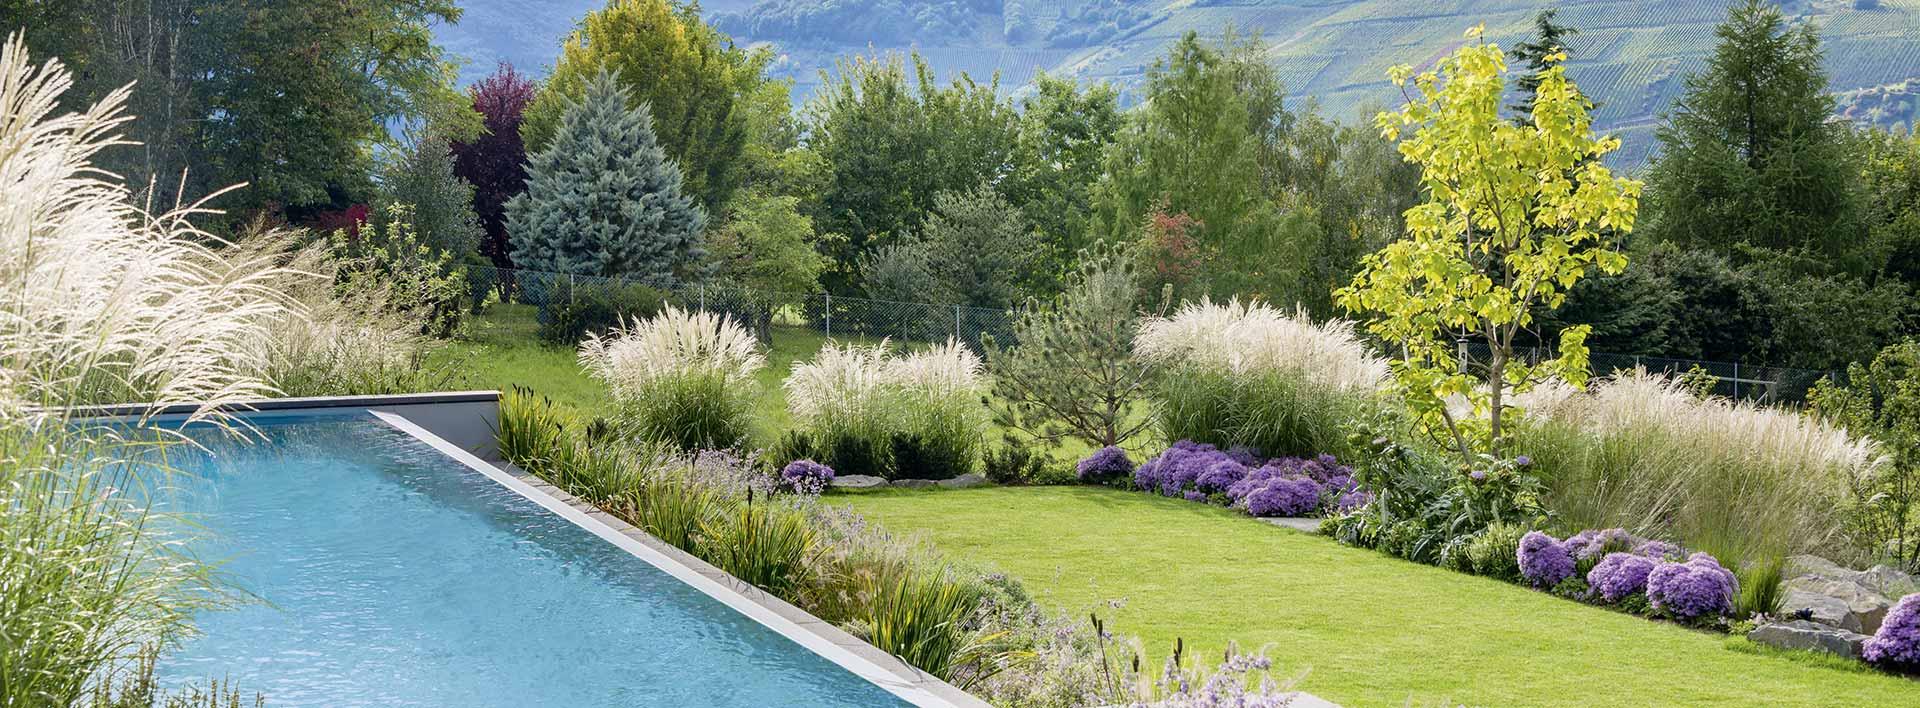 Garten mit Pool und Fernblick